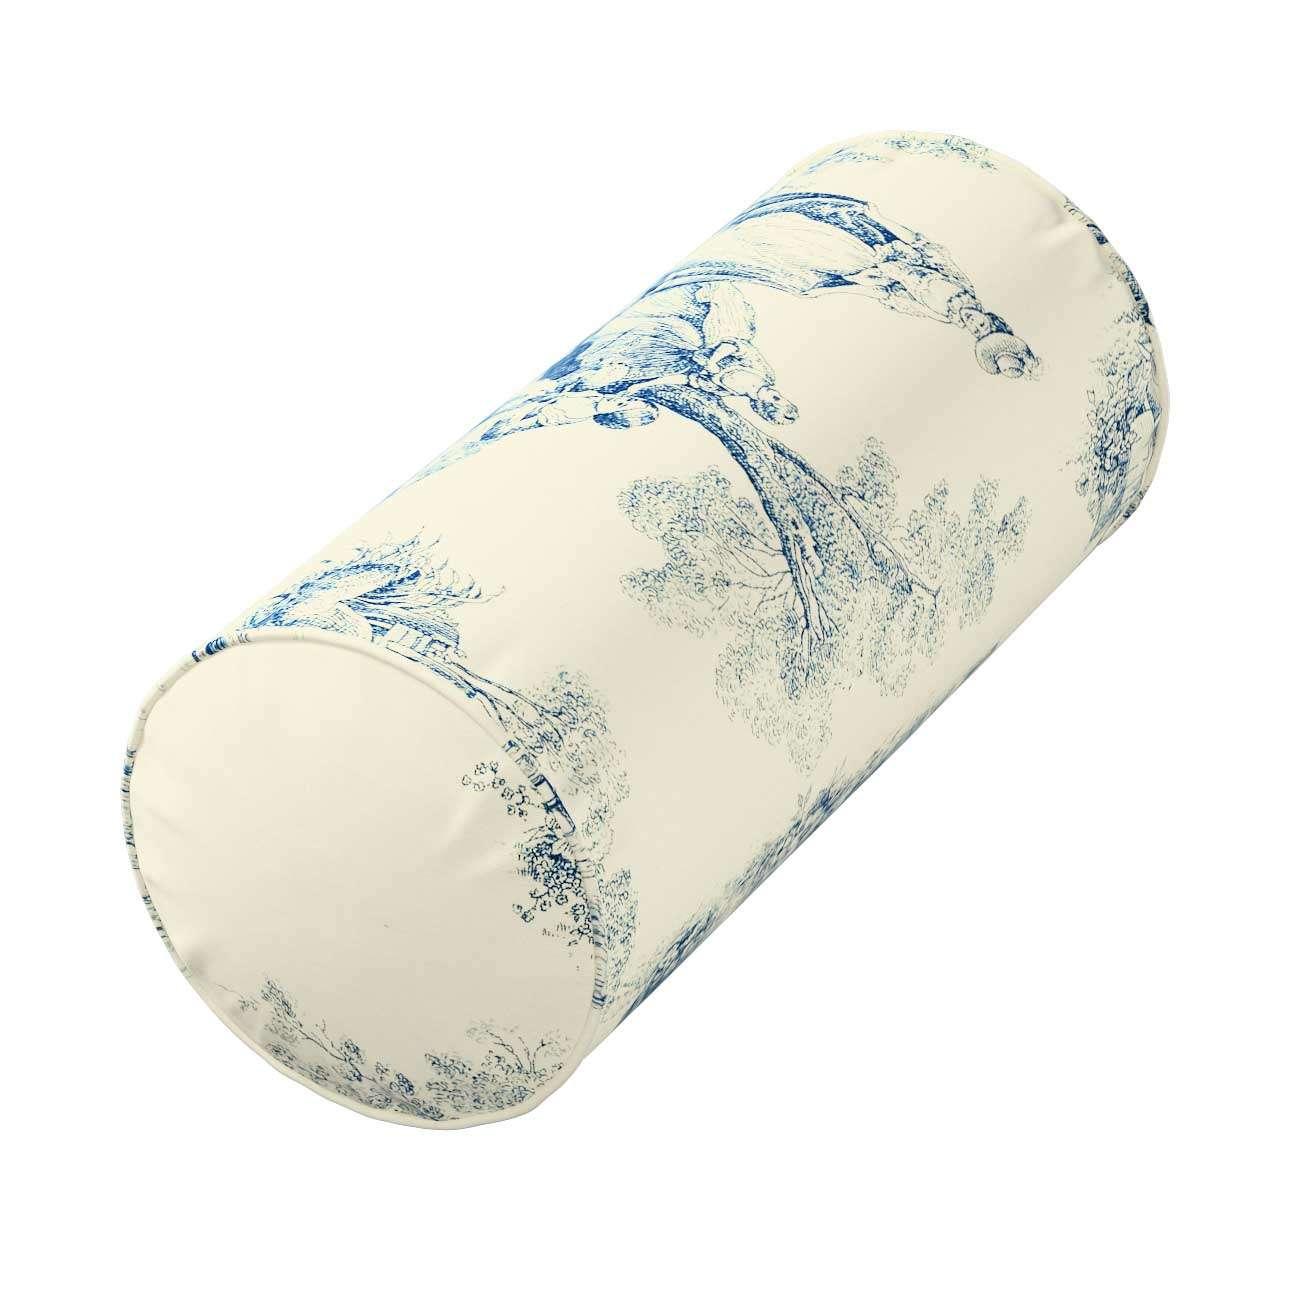 Ektorp pagalvėlė Ektorp pagalvėlė kolekcijoje Avinon, audinys: 132-66